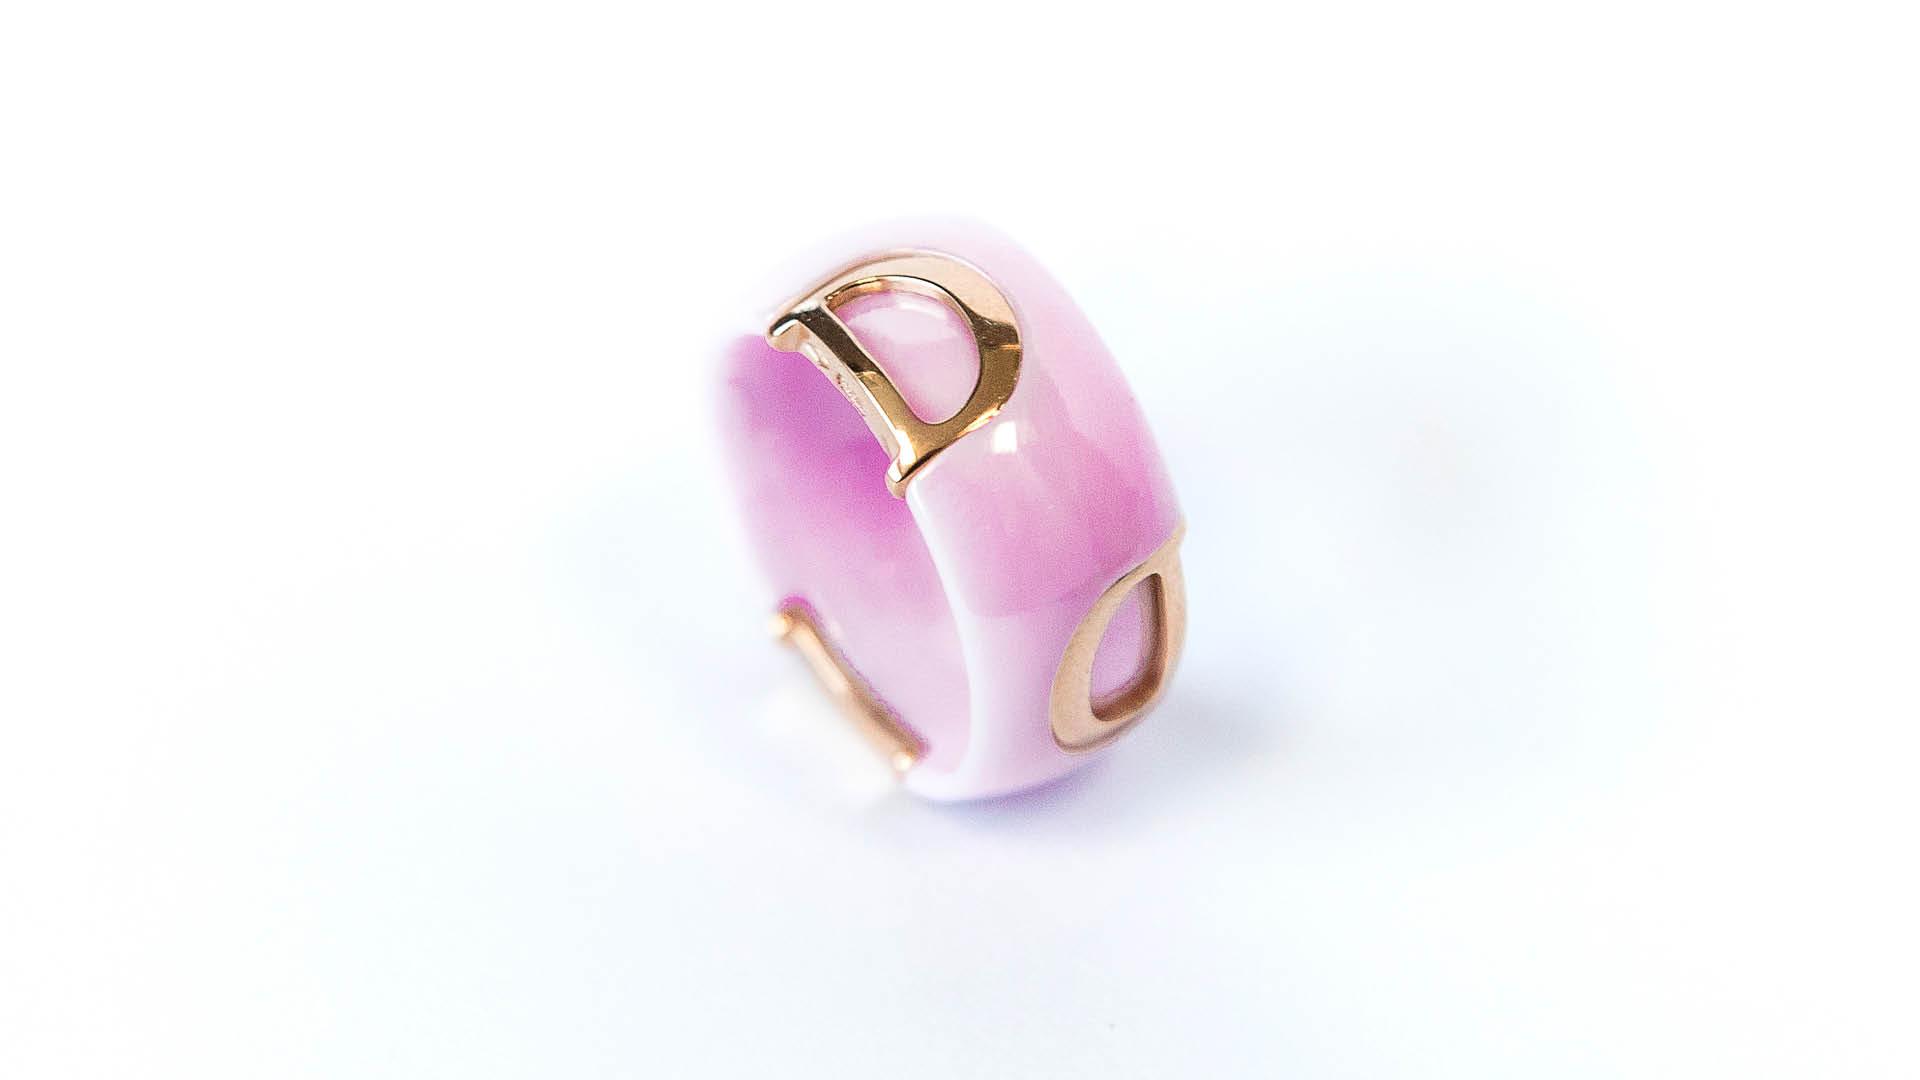 Damiani-Rosa-Confetto-Pink-Ceramic-Ring